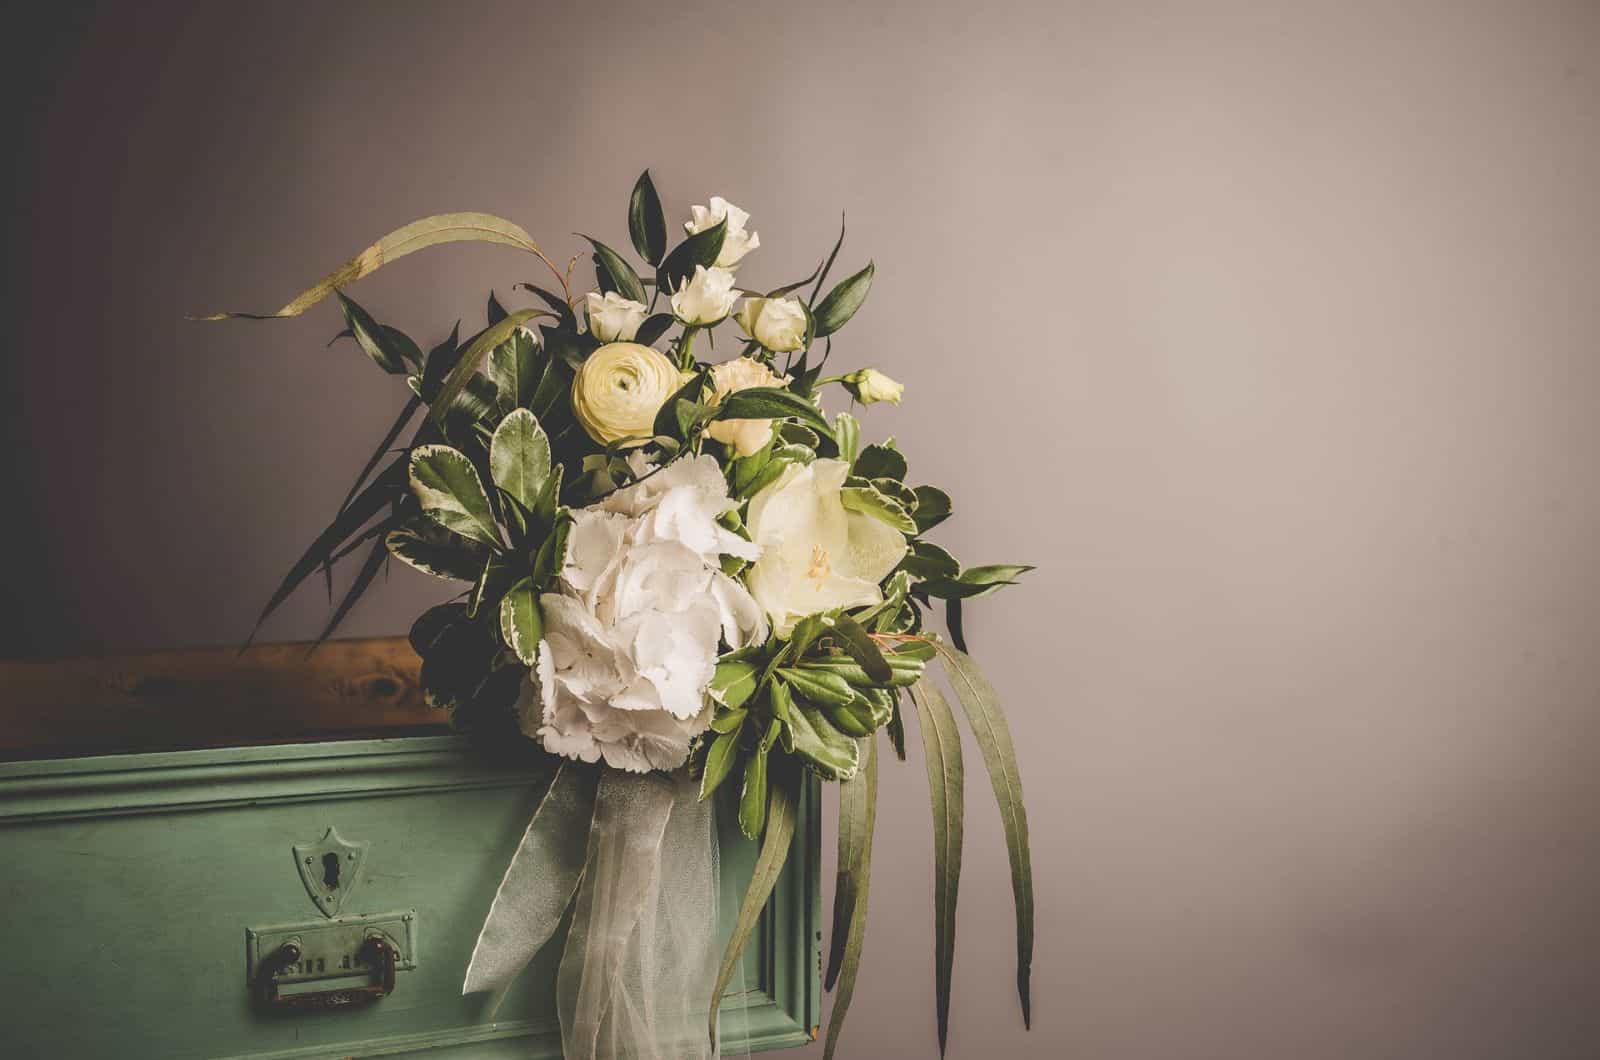 Vintage-Blumenstrauß auf einem Schreibtisch